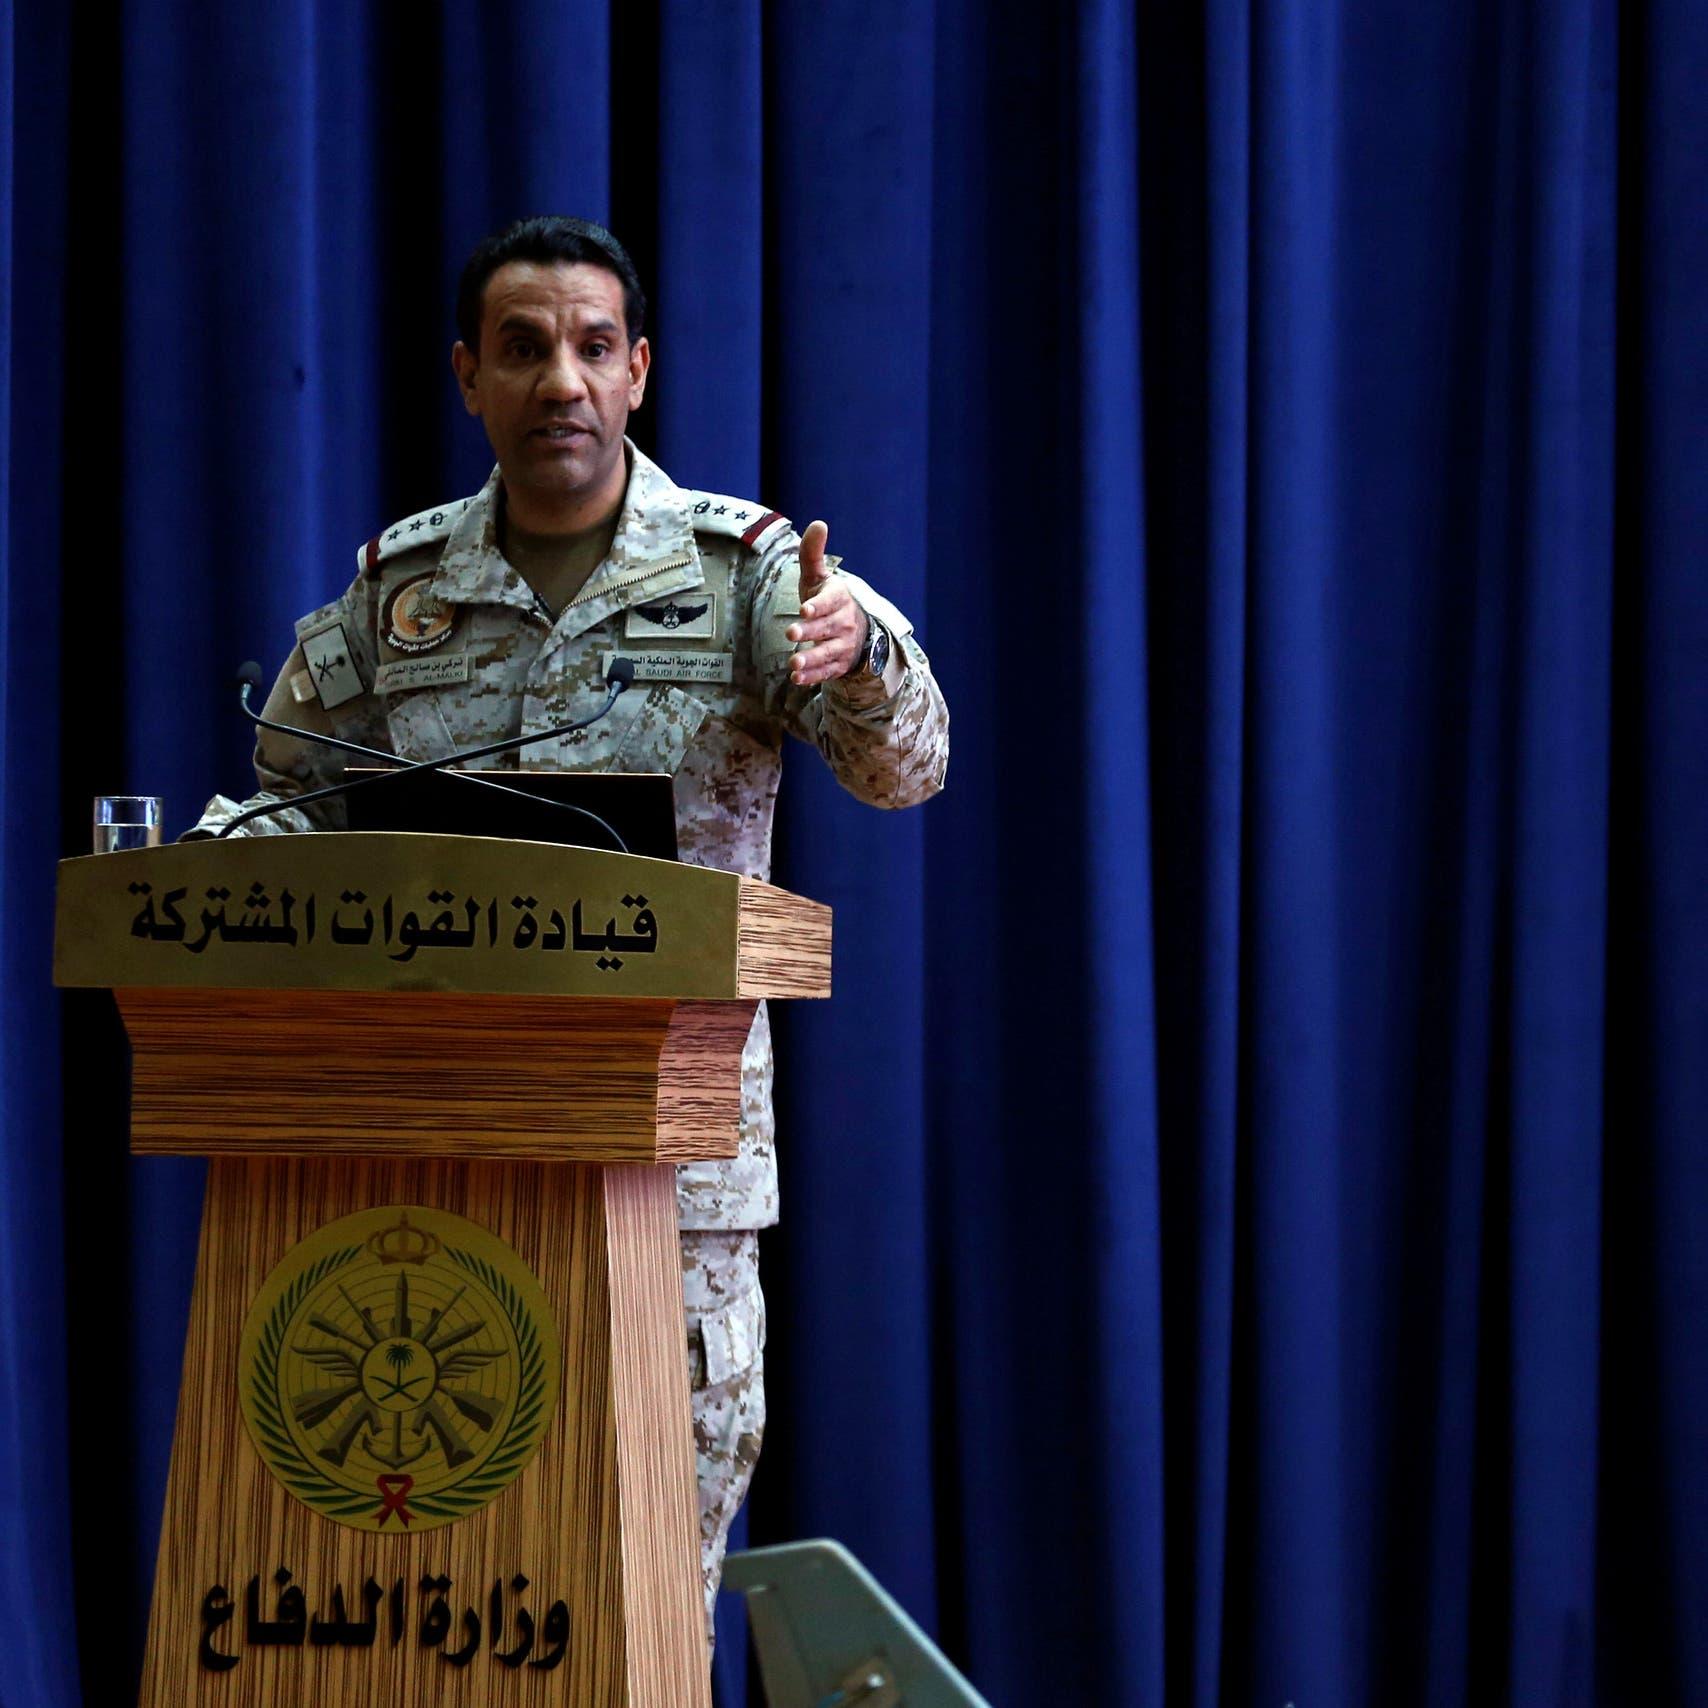 التحالف: اعتراض وتدمير باليستي أطلقه الحوثي باتجاه الرياض